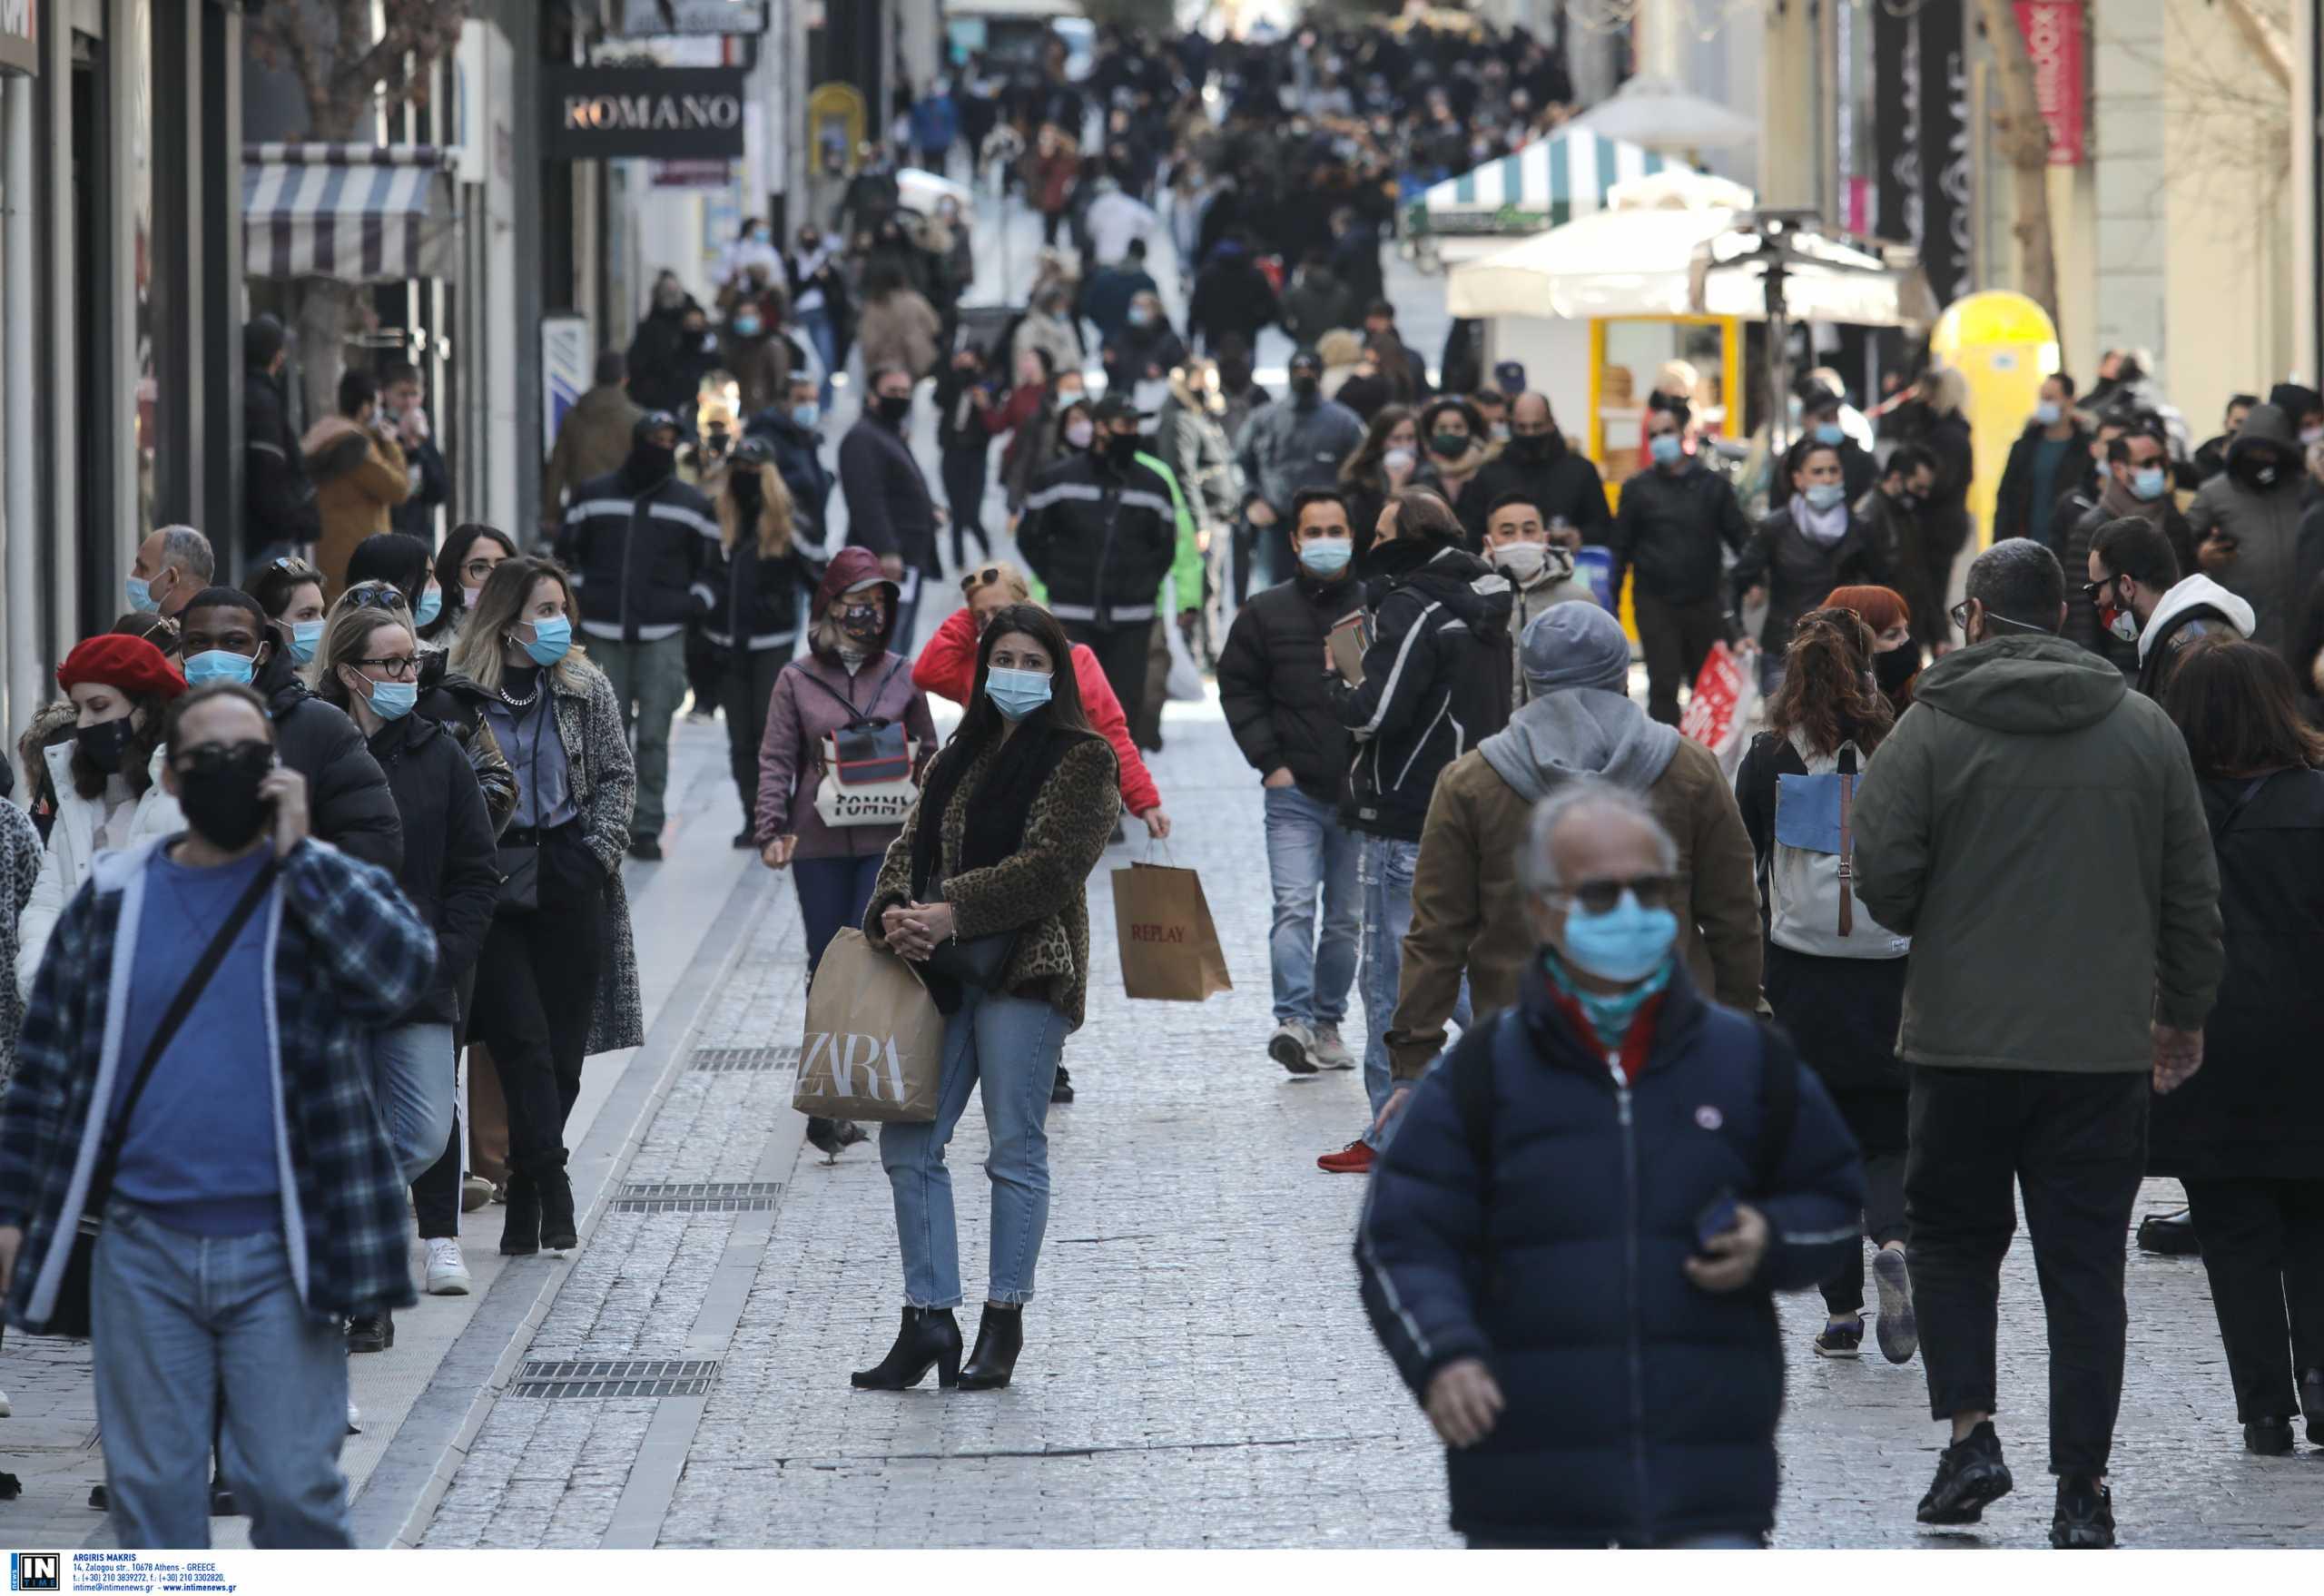 Δείκτης θετικότητας, τρίτο κύμα κορονοϊού και μεταλλαγμένο στέλεχος – Τι συμβαίνει στην Ελλάδα